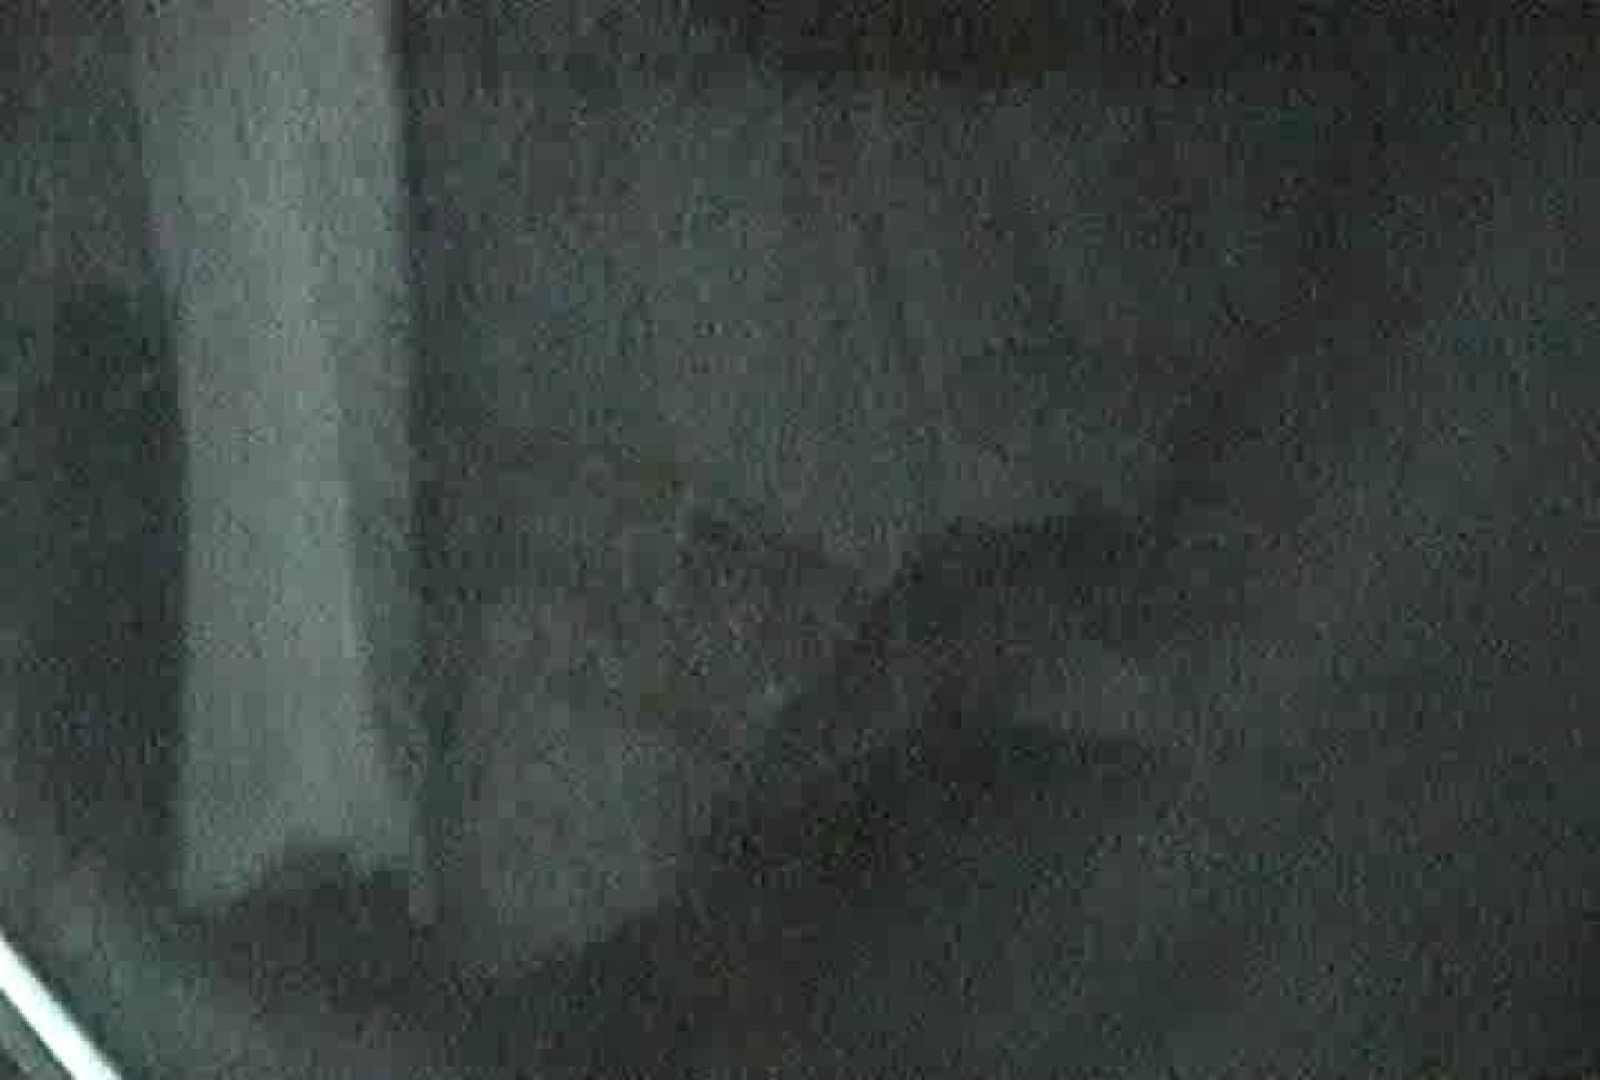 充血監督の深夜の運動会Vol.110 独身エッチOL | カップル  57pic 3